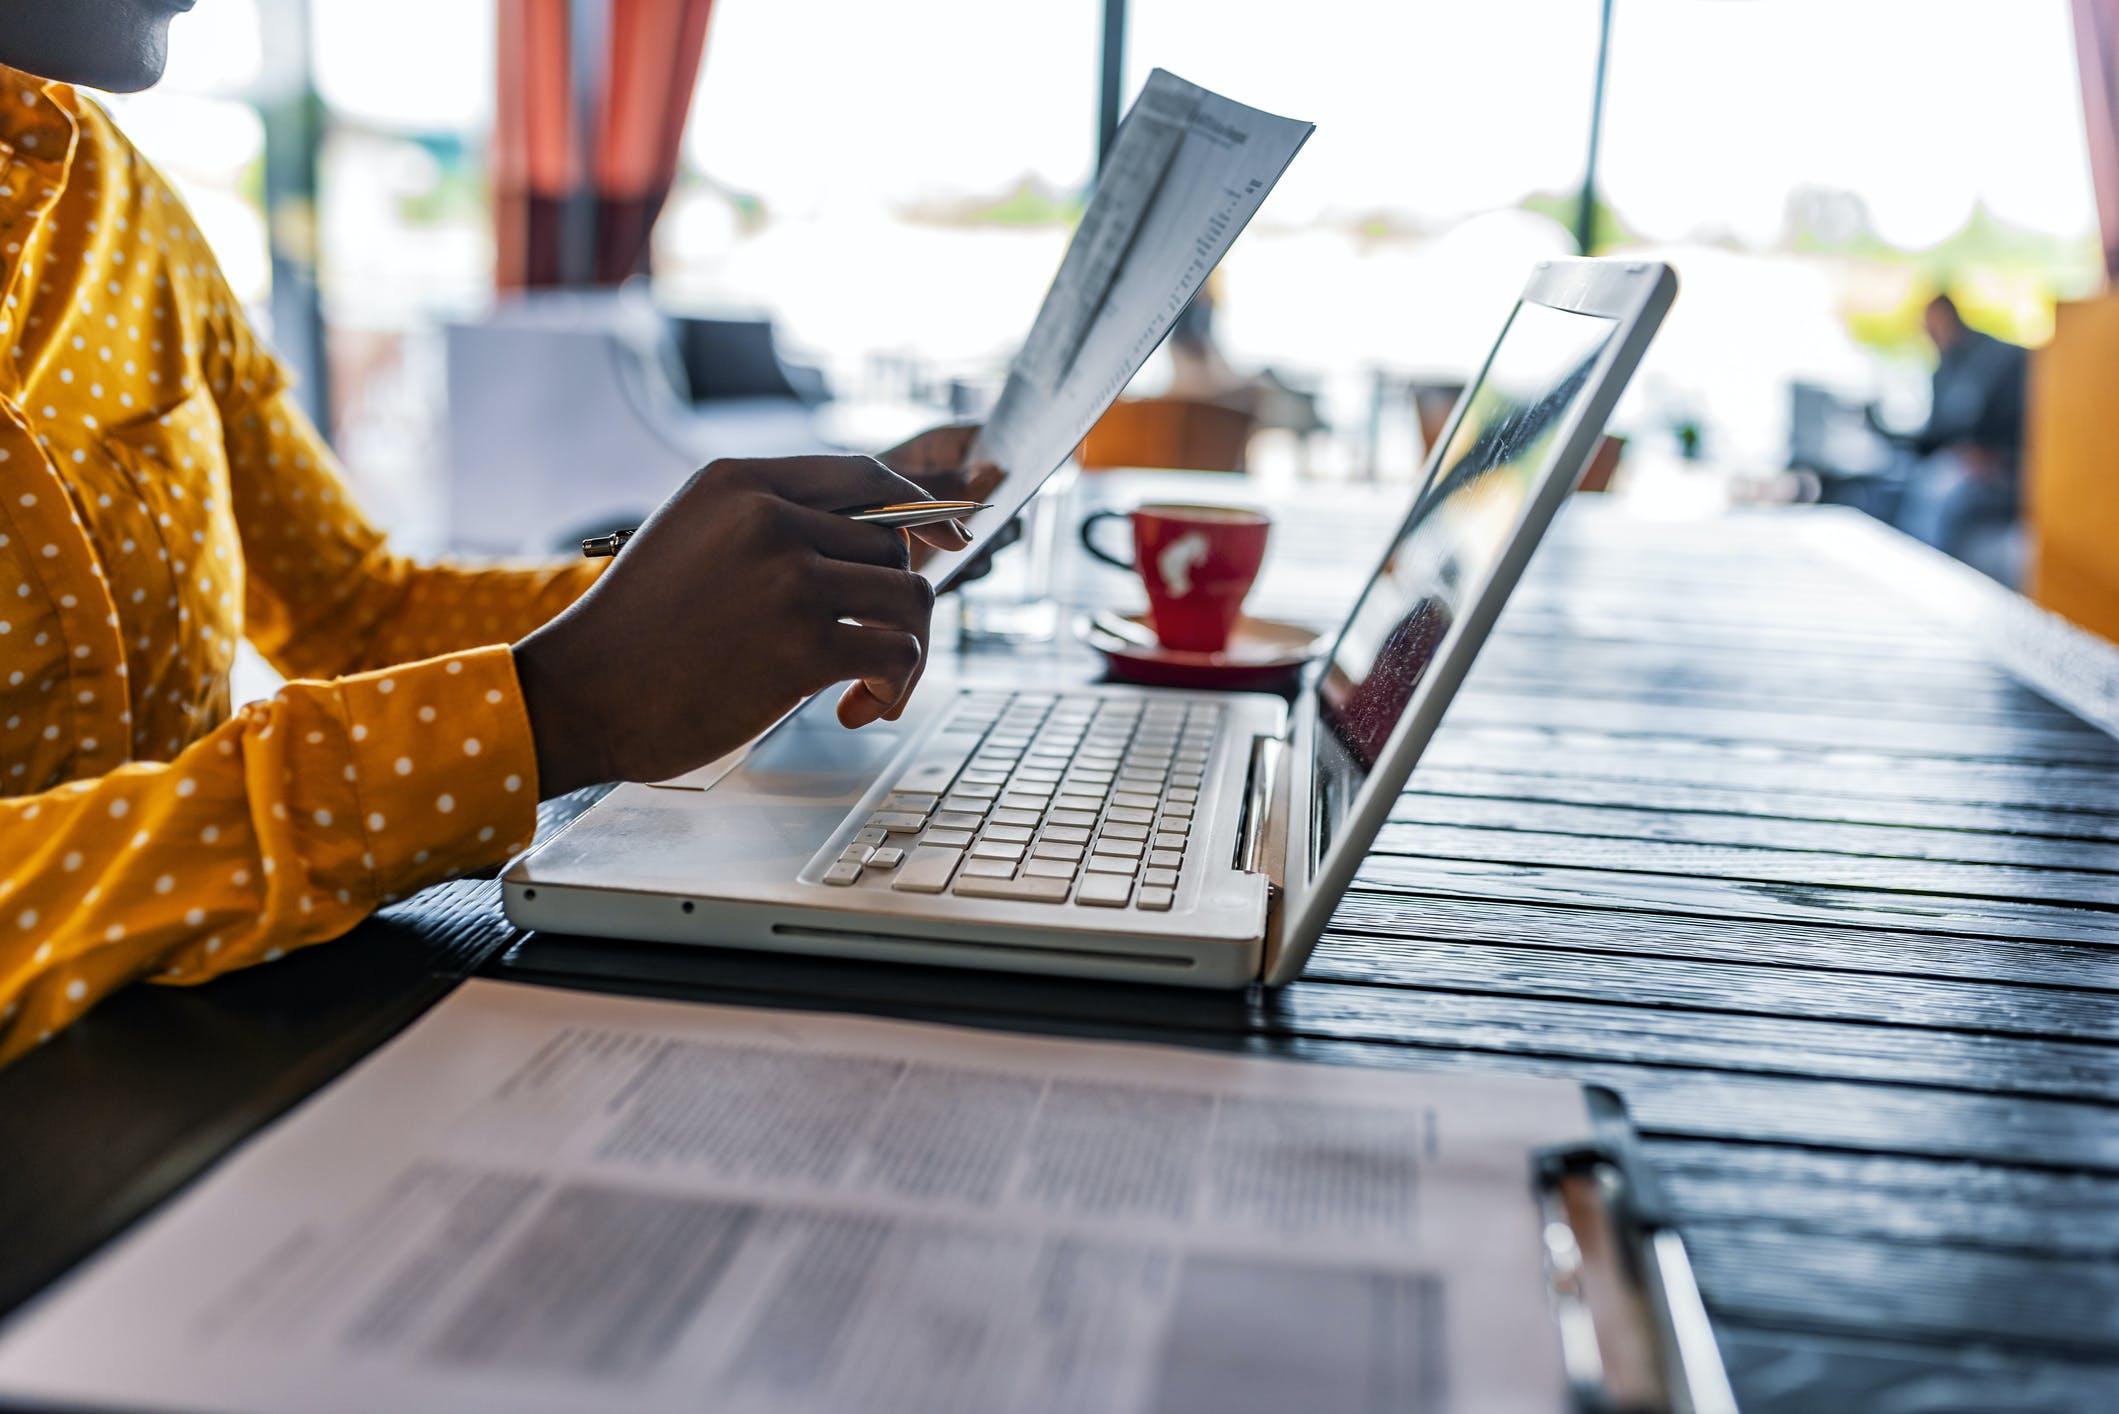 Pesquisa: 72% dos nossos clientes Profissionais realizaram transações durante o desconfinamento